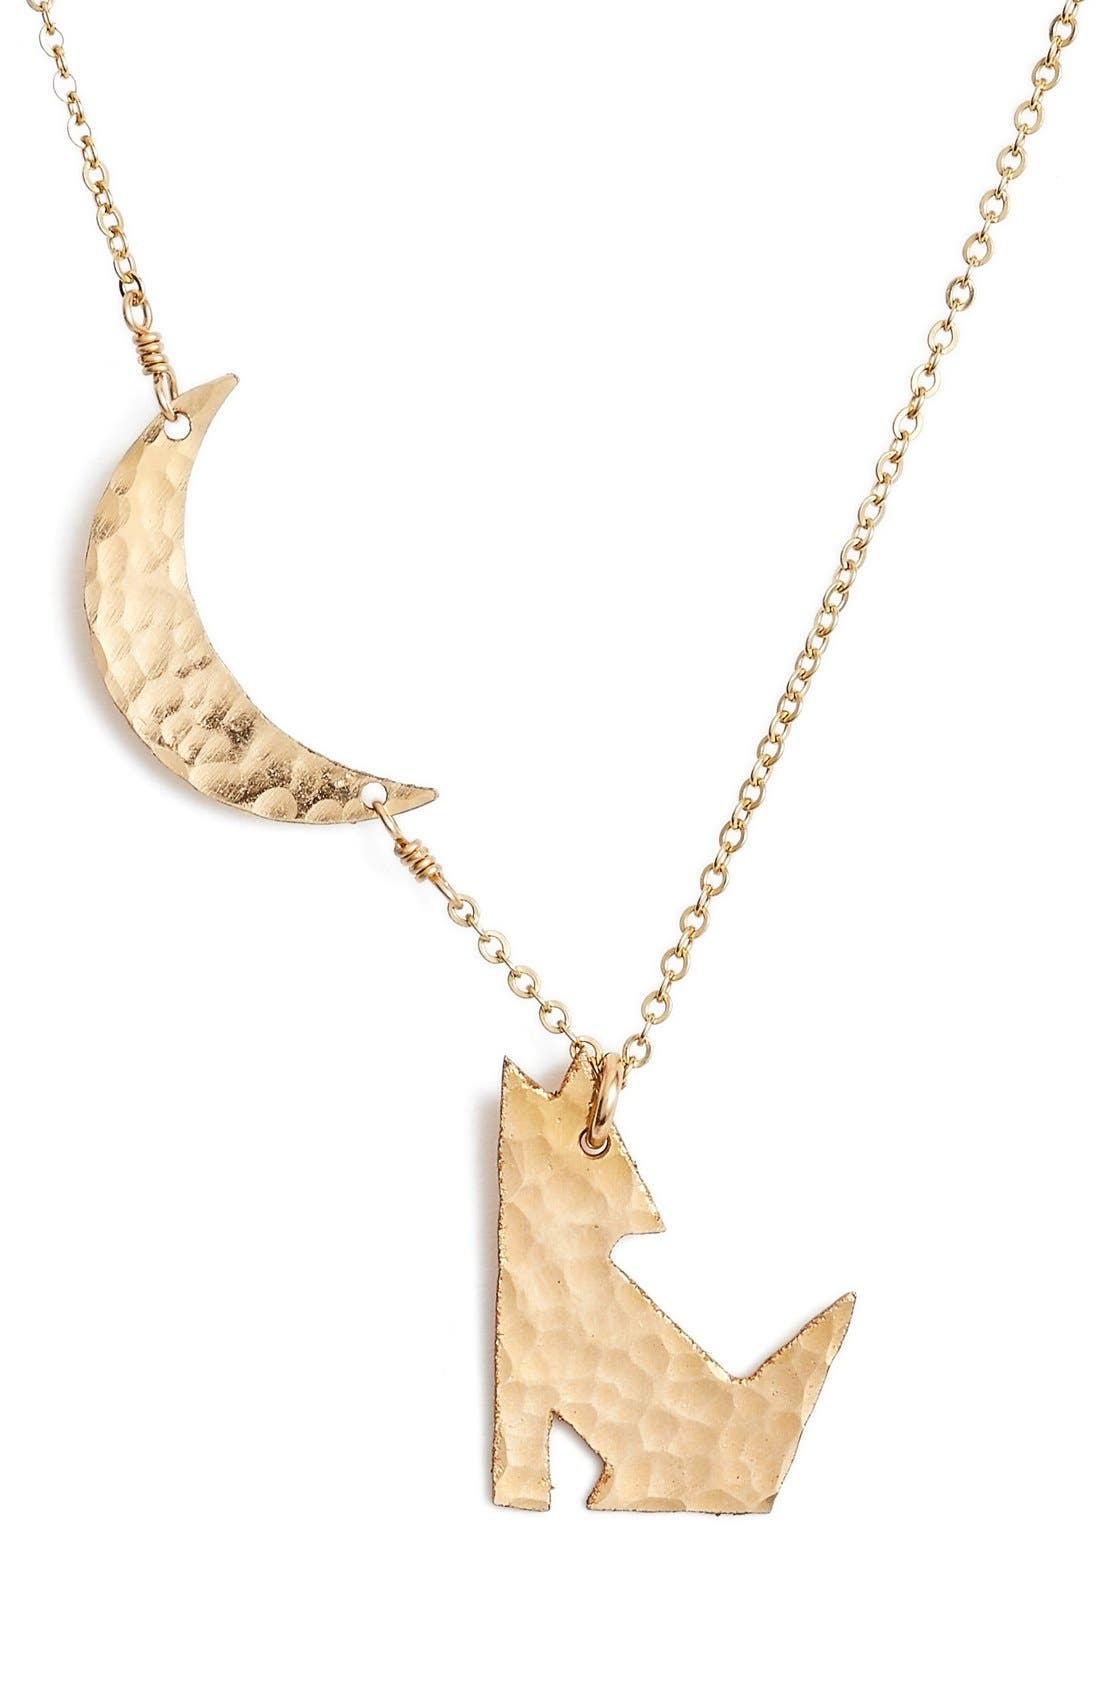 Main Image - Nashelle Coyote Pendant Necklace